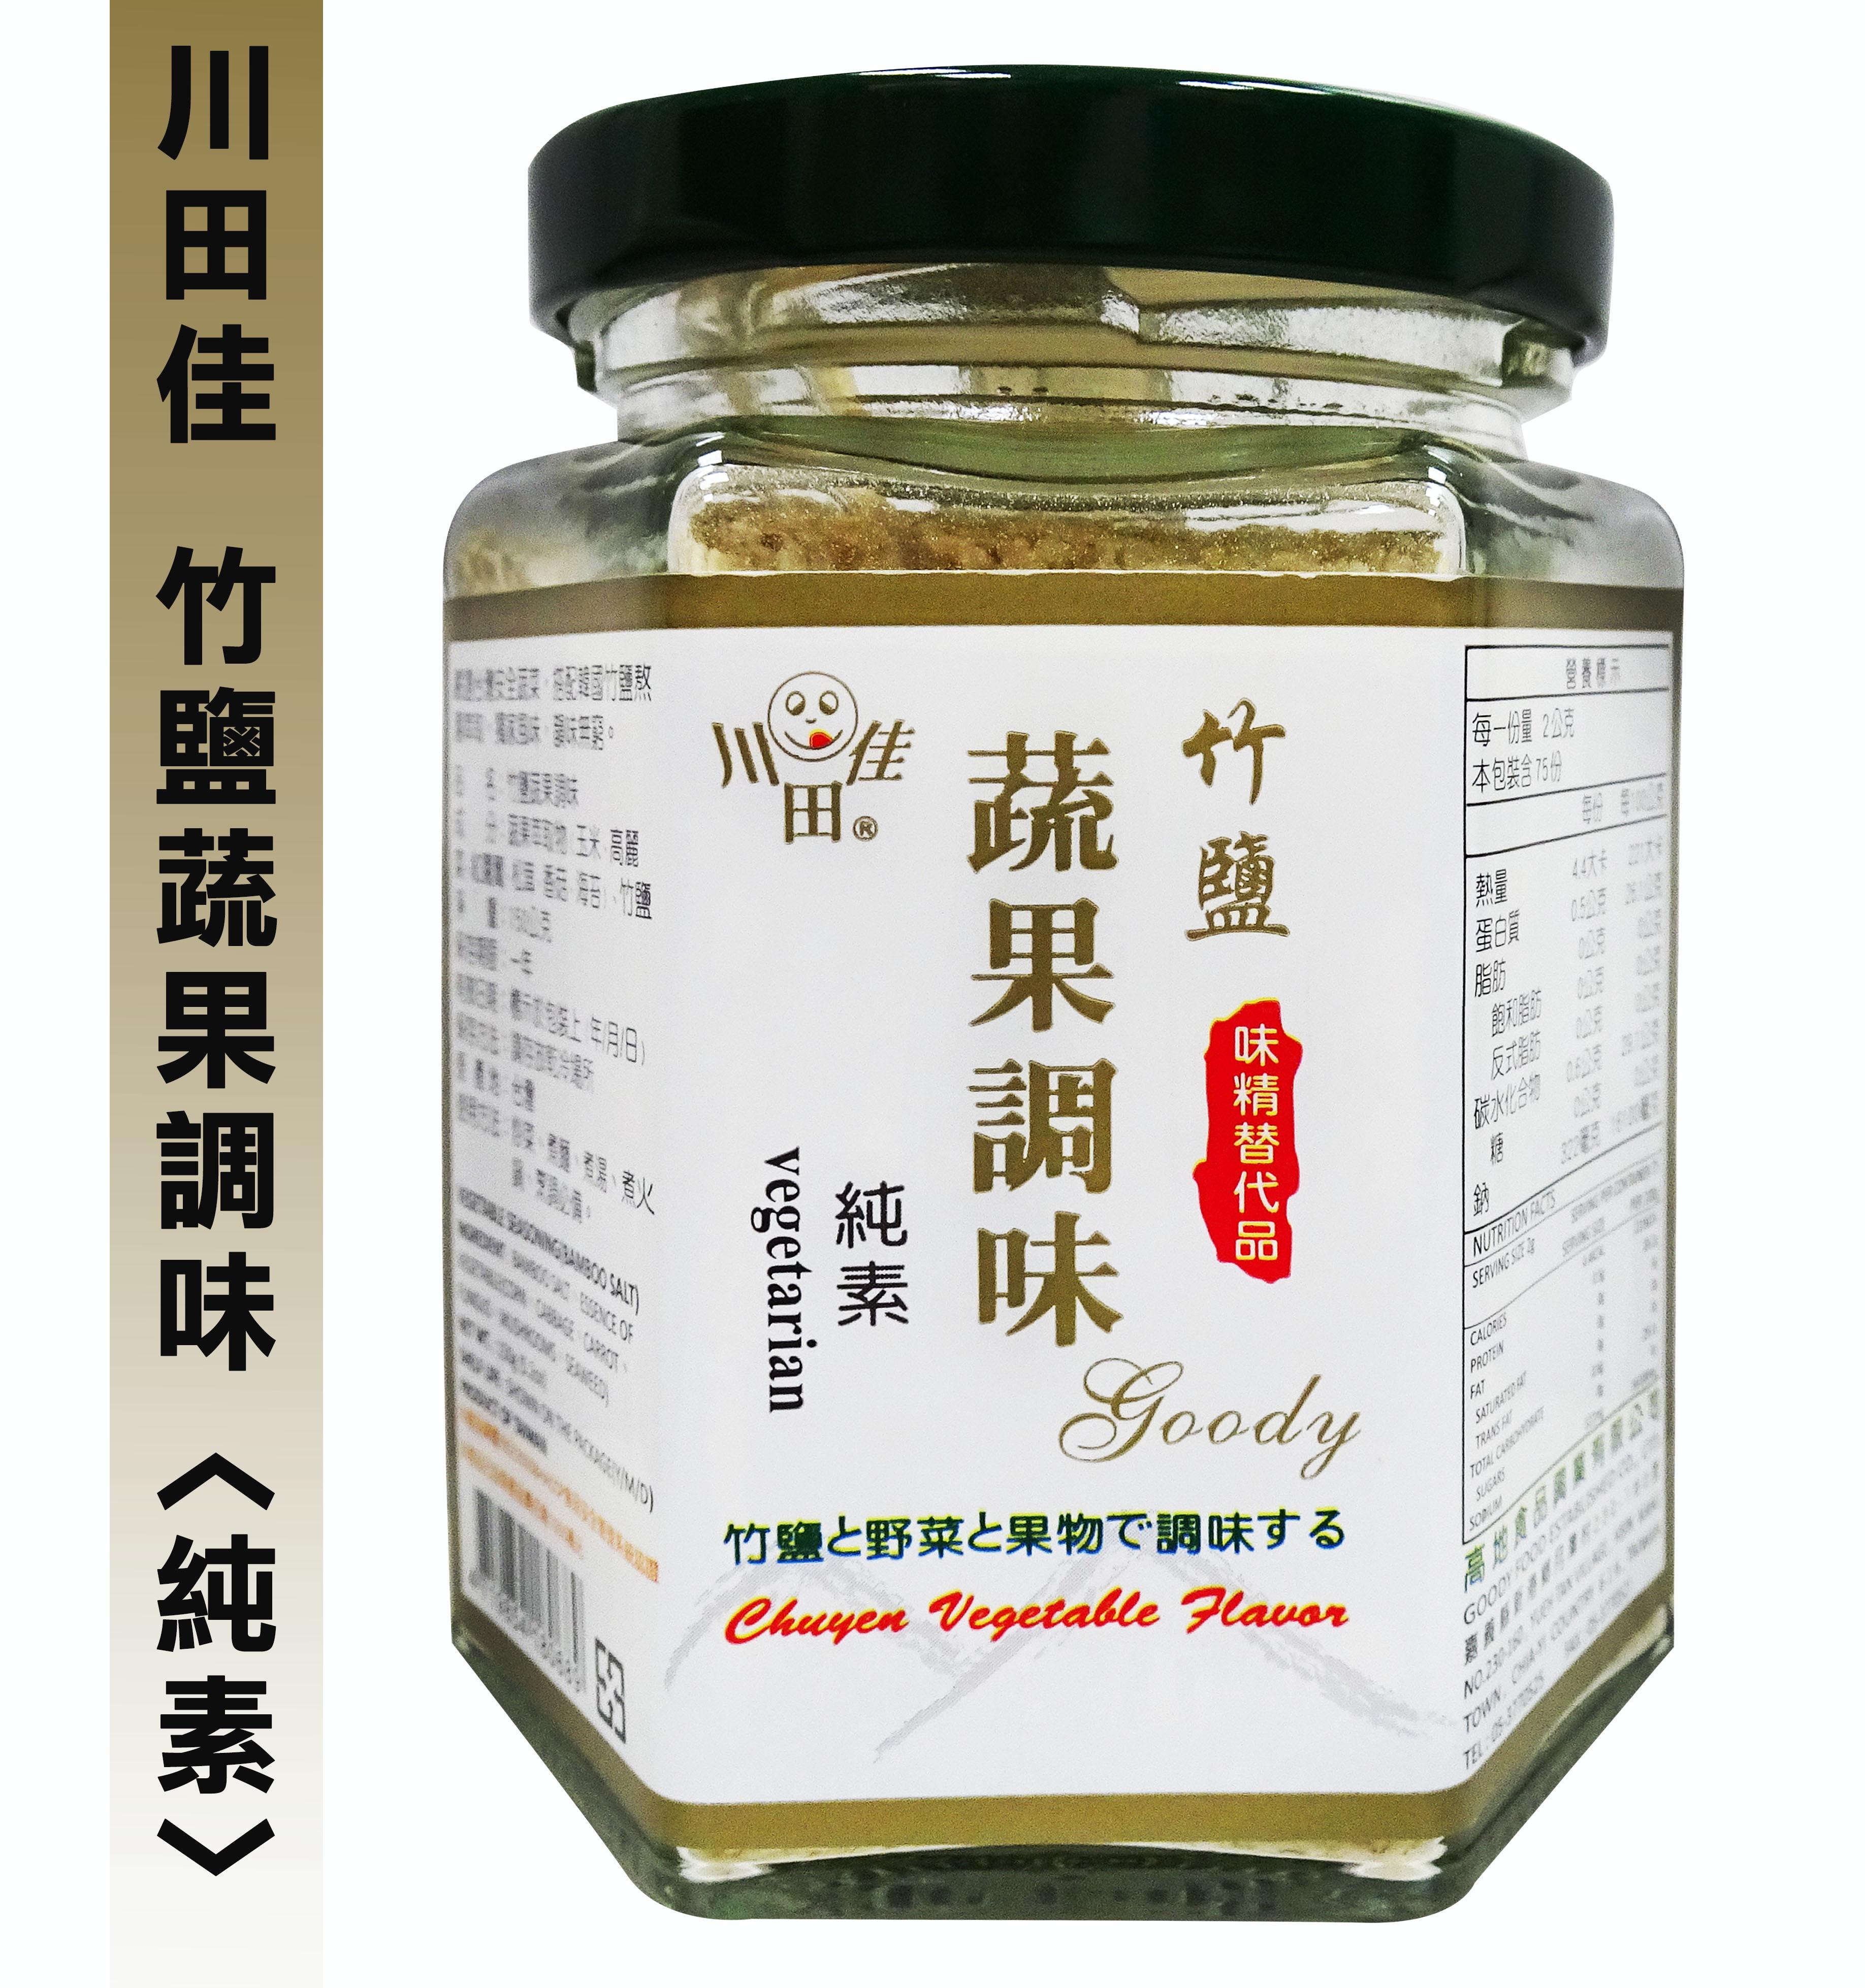 川田佳-竹鹽蔬果調味 **全素食品** 效期2022年4月